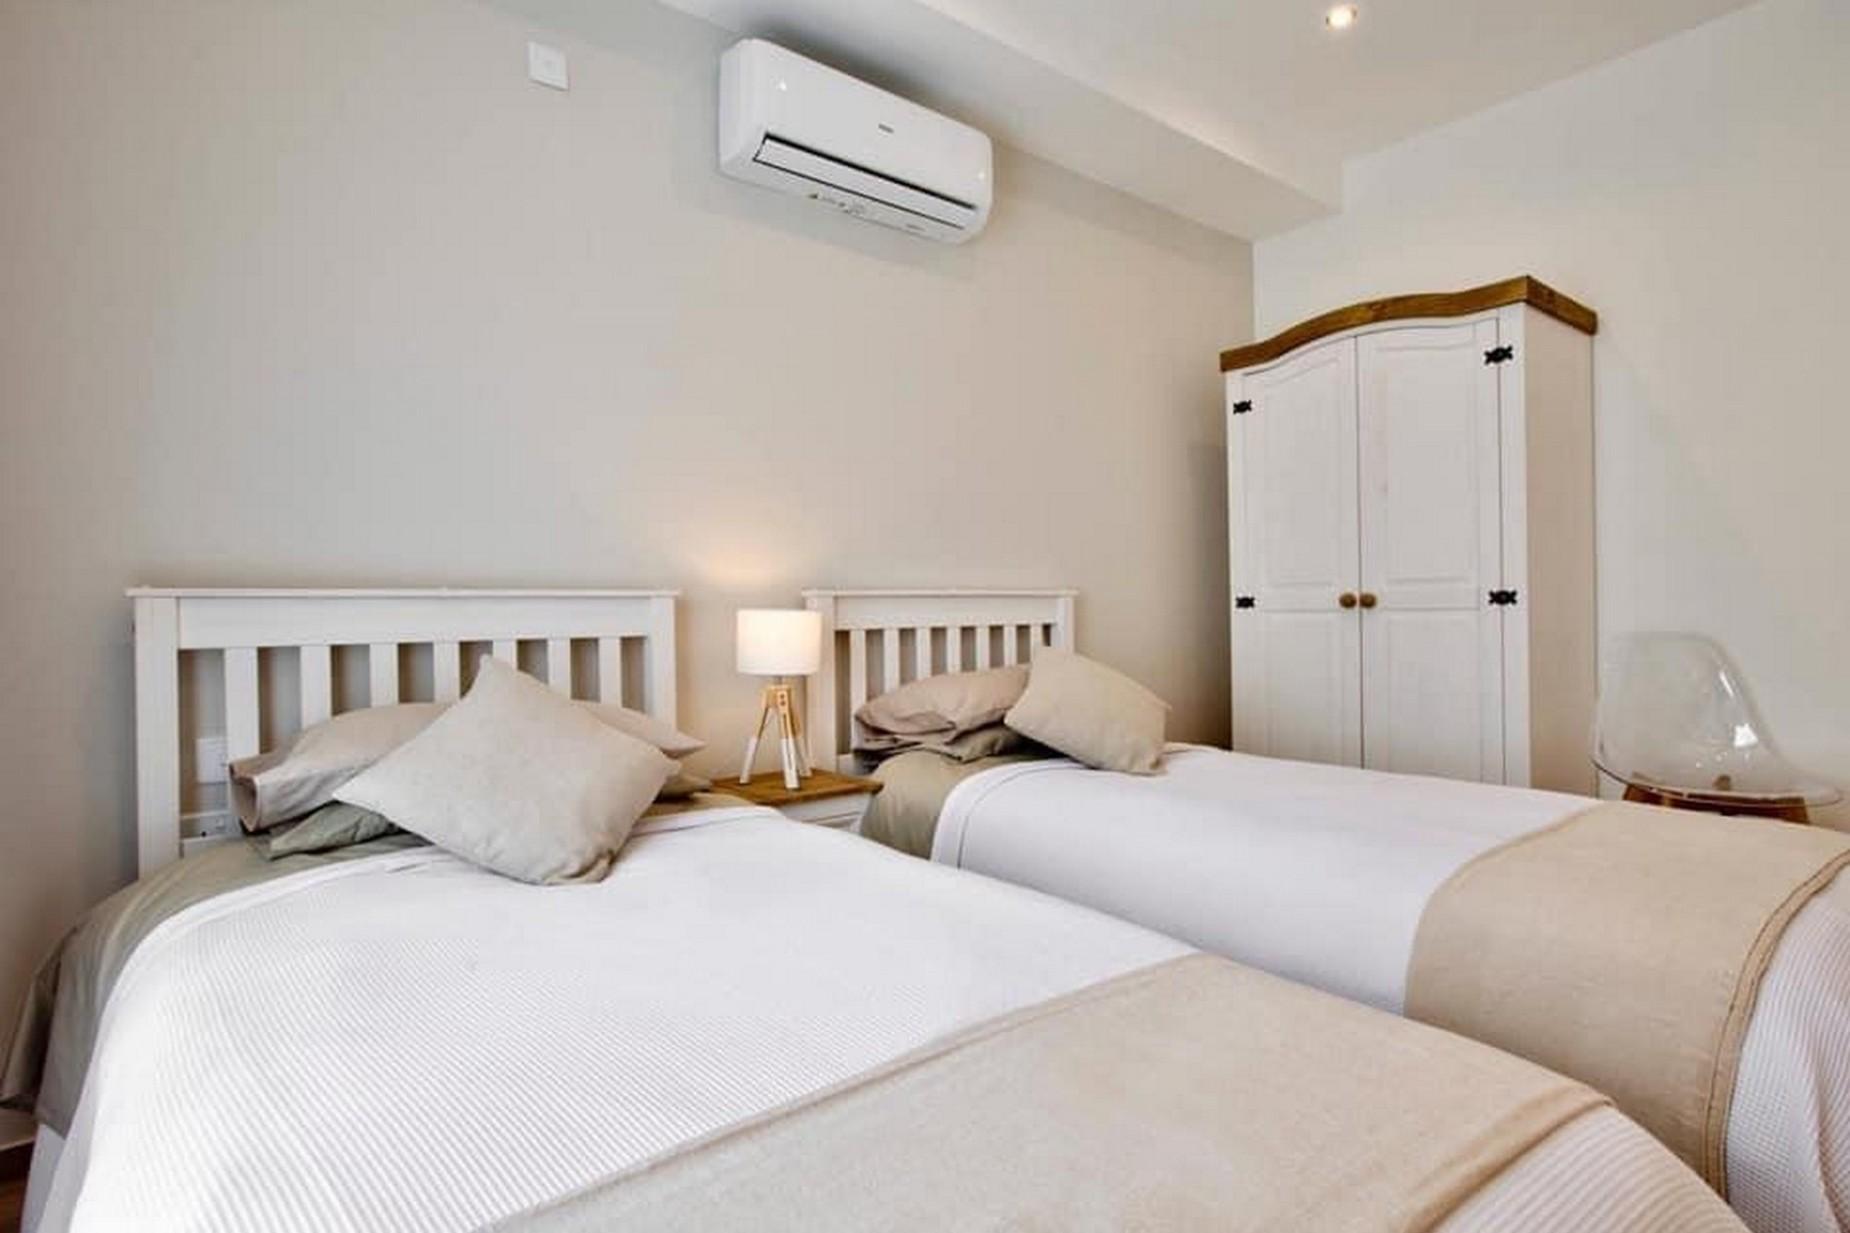 3 bed Apartment For Rent in San Gwann, San Gwann - thumb 11